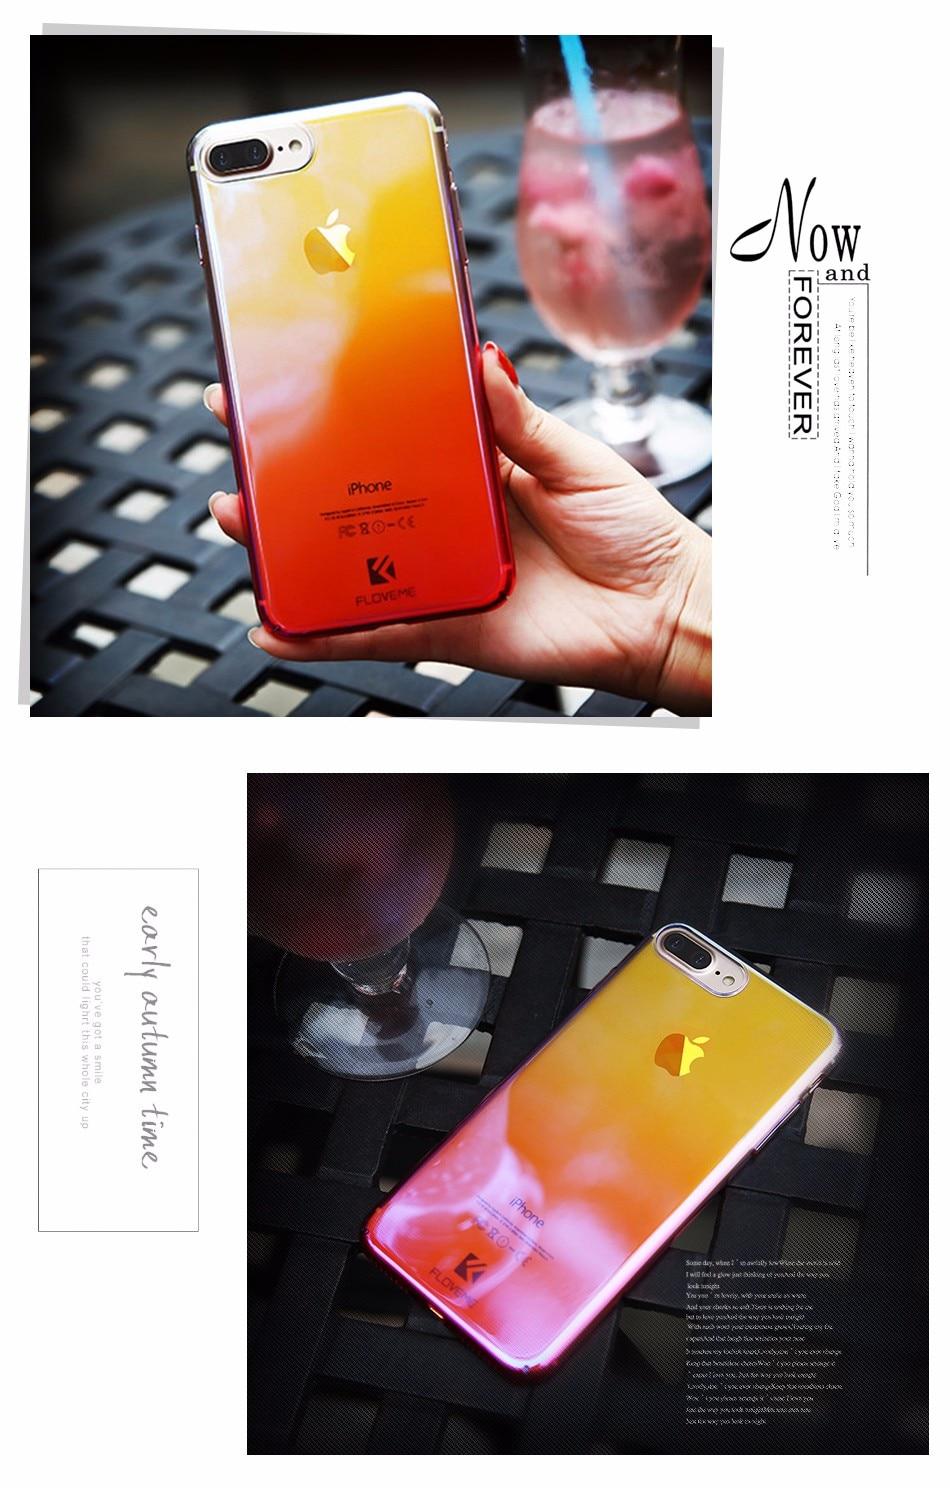 Floveme niebieski ray gradientu przypadki telefonów dla iphone 5 5s se 6 7 6 s plus case do samsung s8 s6 s7 pokrywa dla xiaomi redmi 4 mi5 krawędzi 13